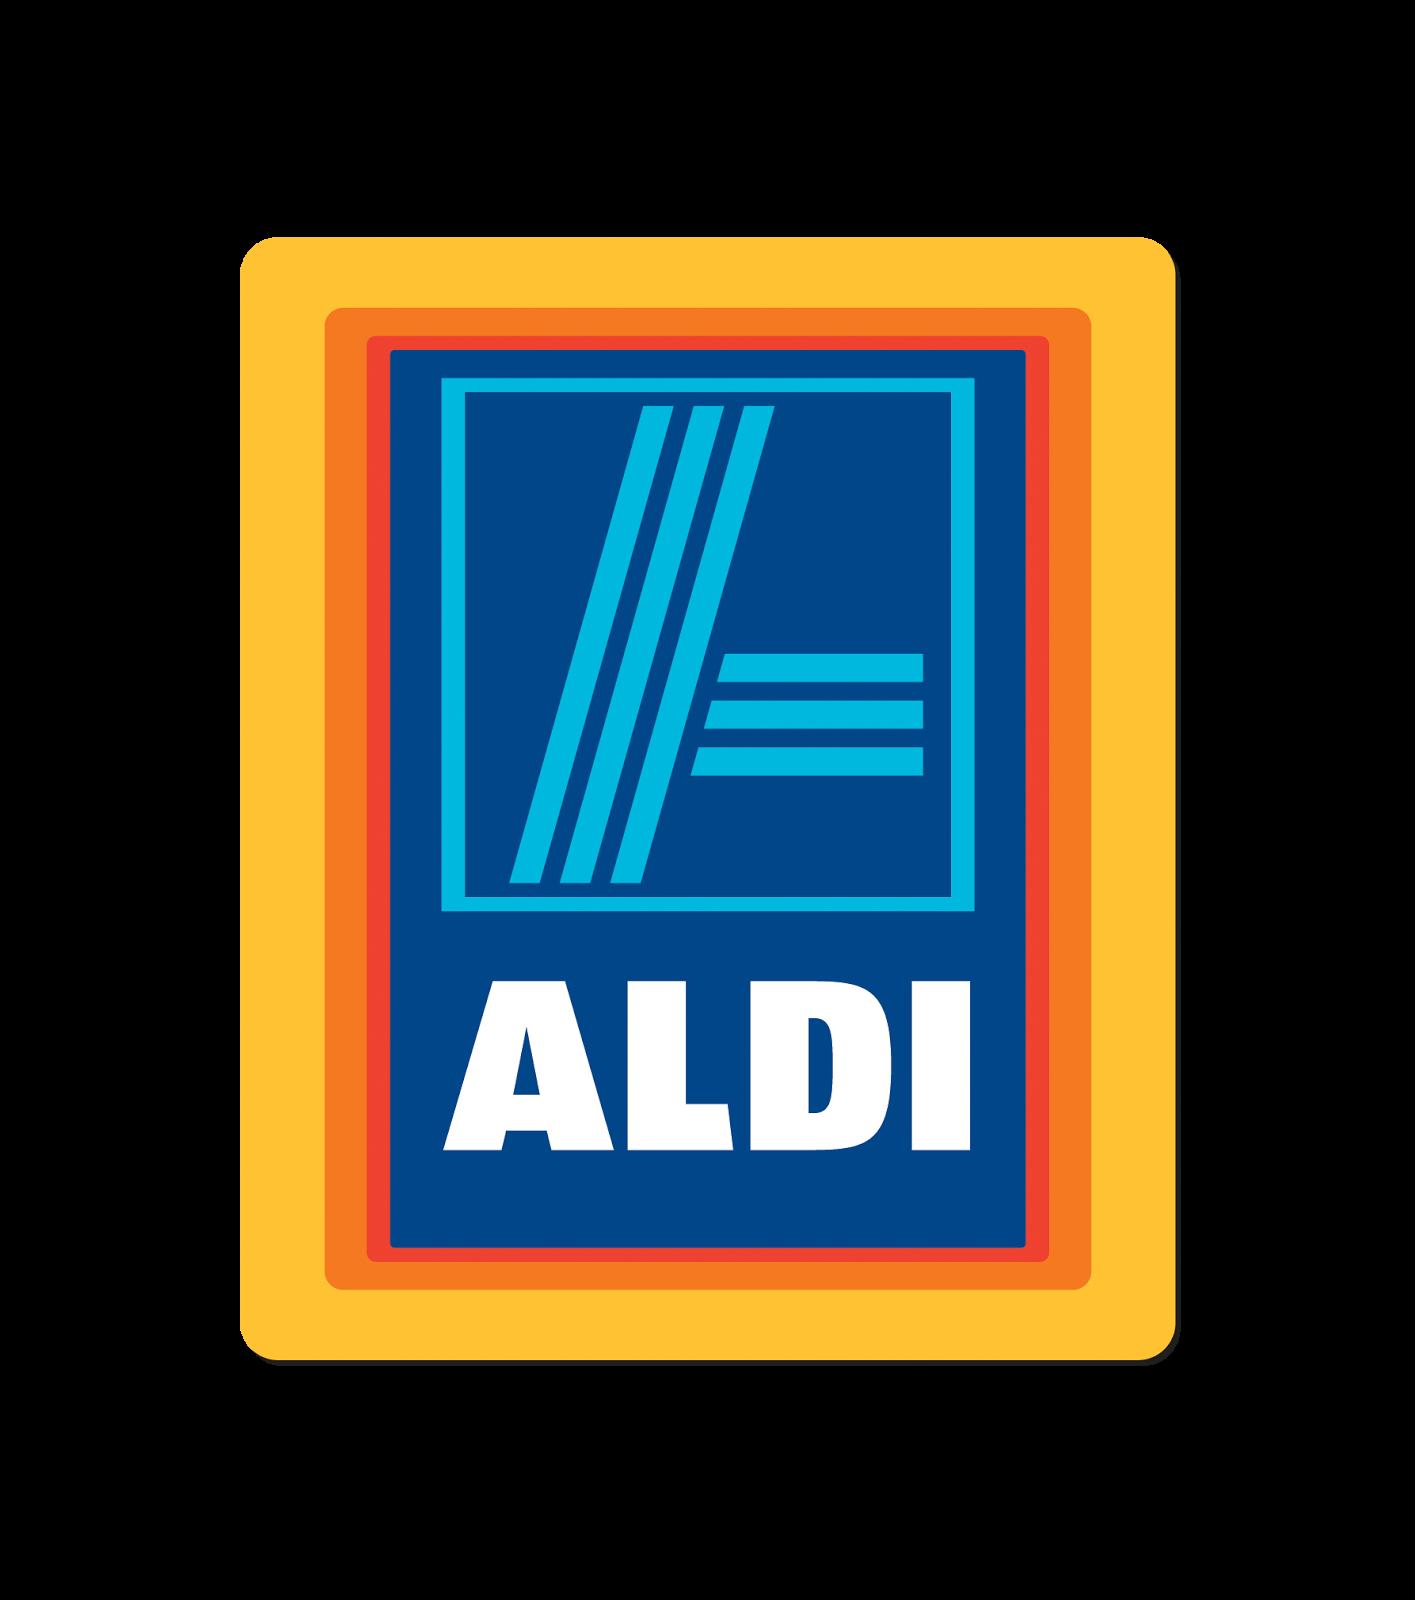 aldi_logo_no_back_hi.png